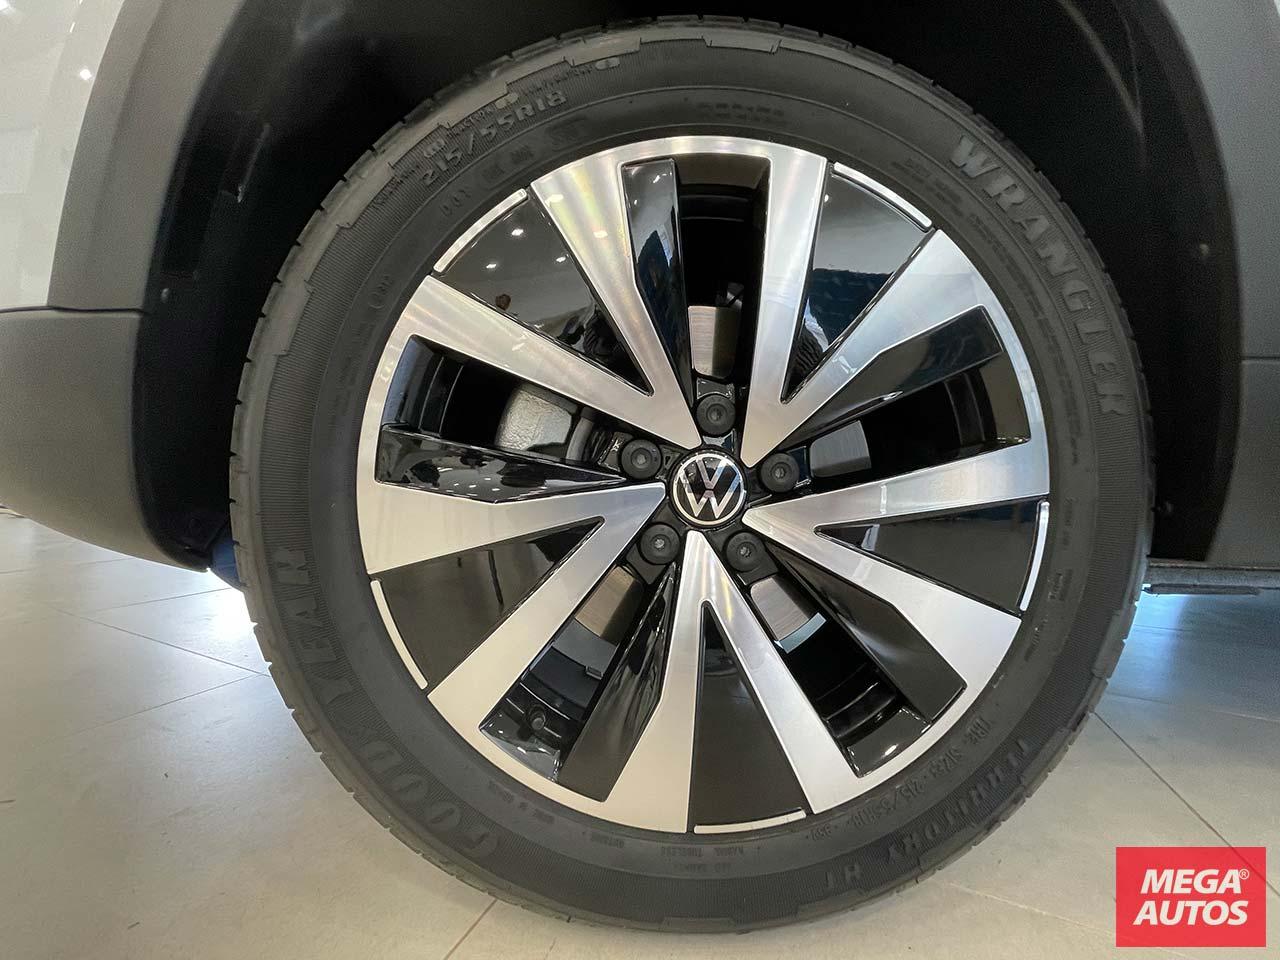 Llantas Volkswagen Taos - neumáticos 215/55 R18